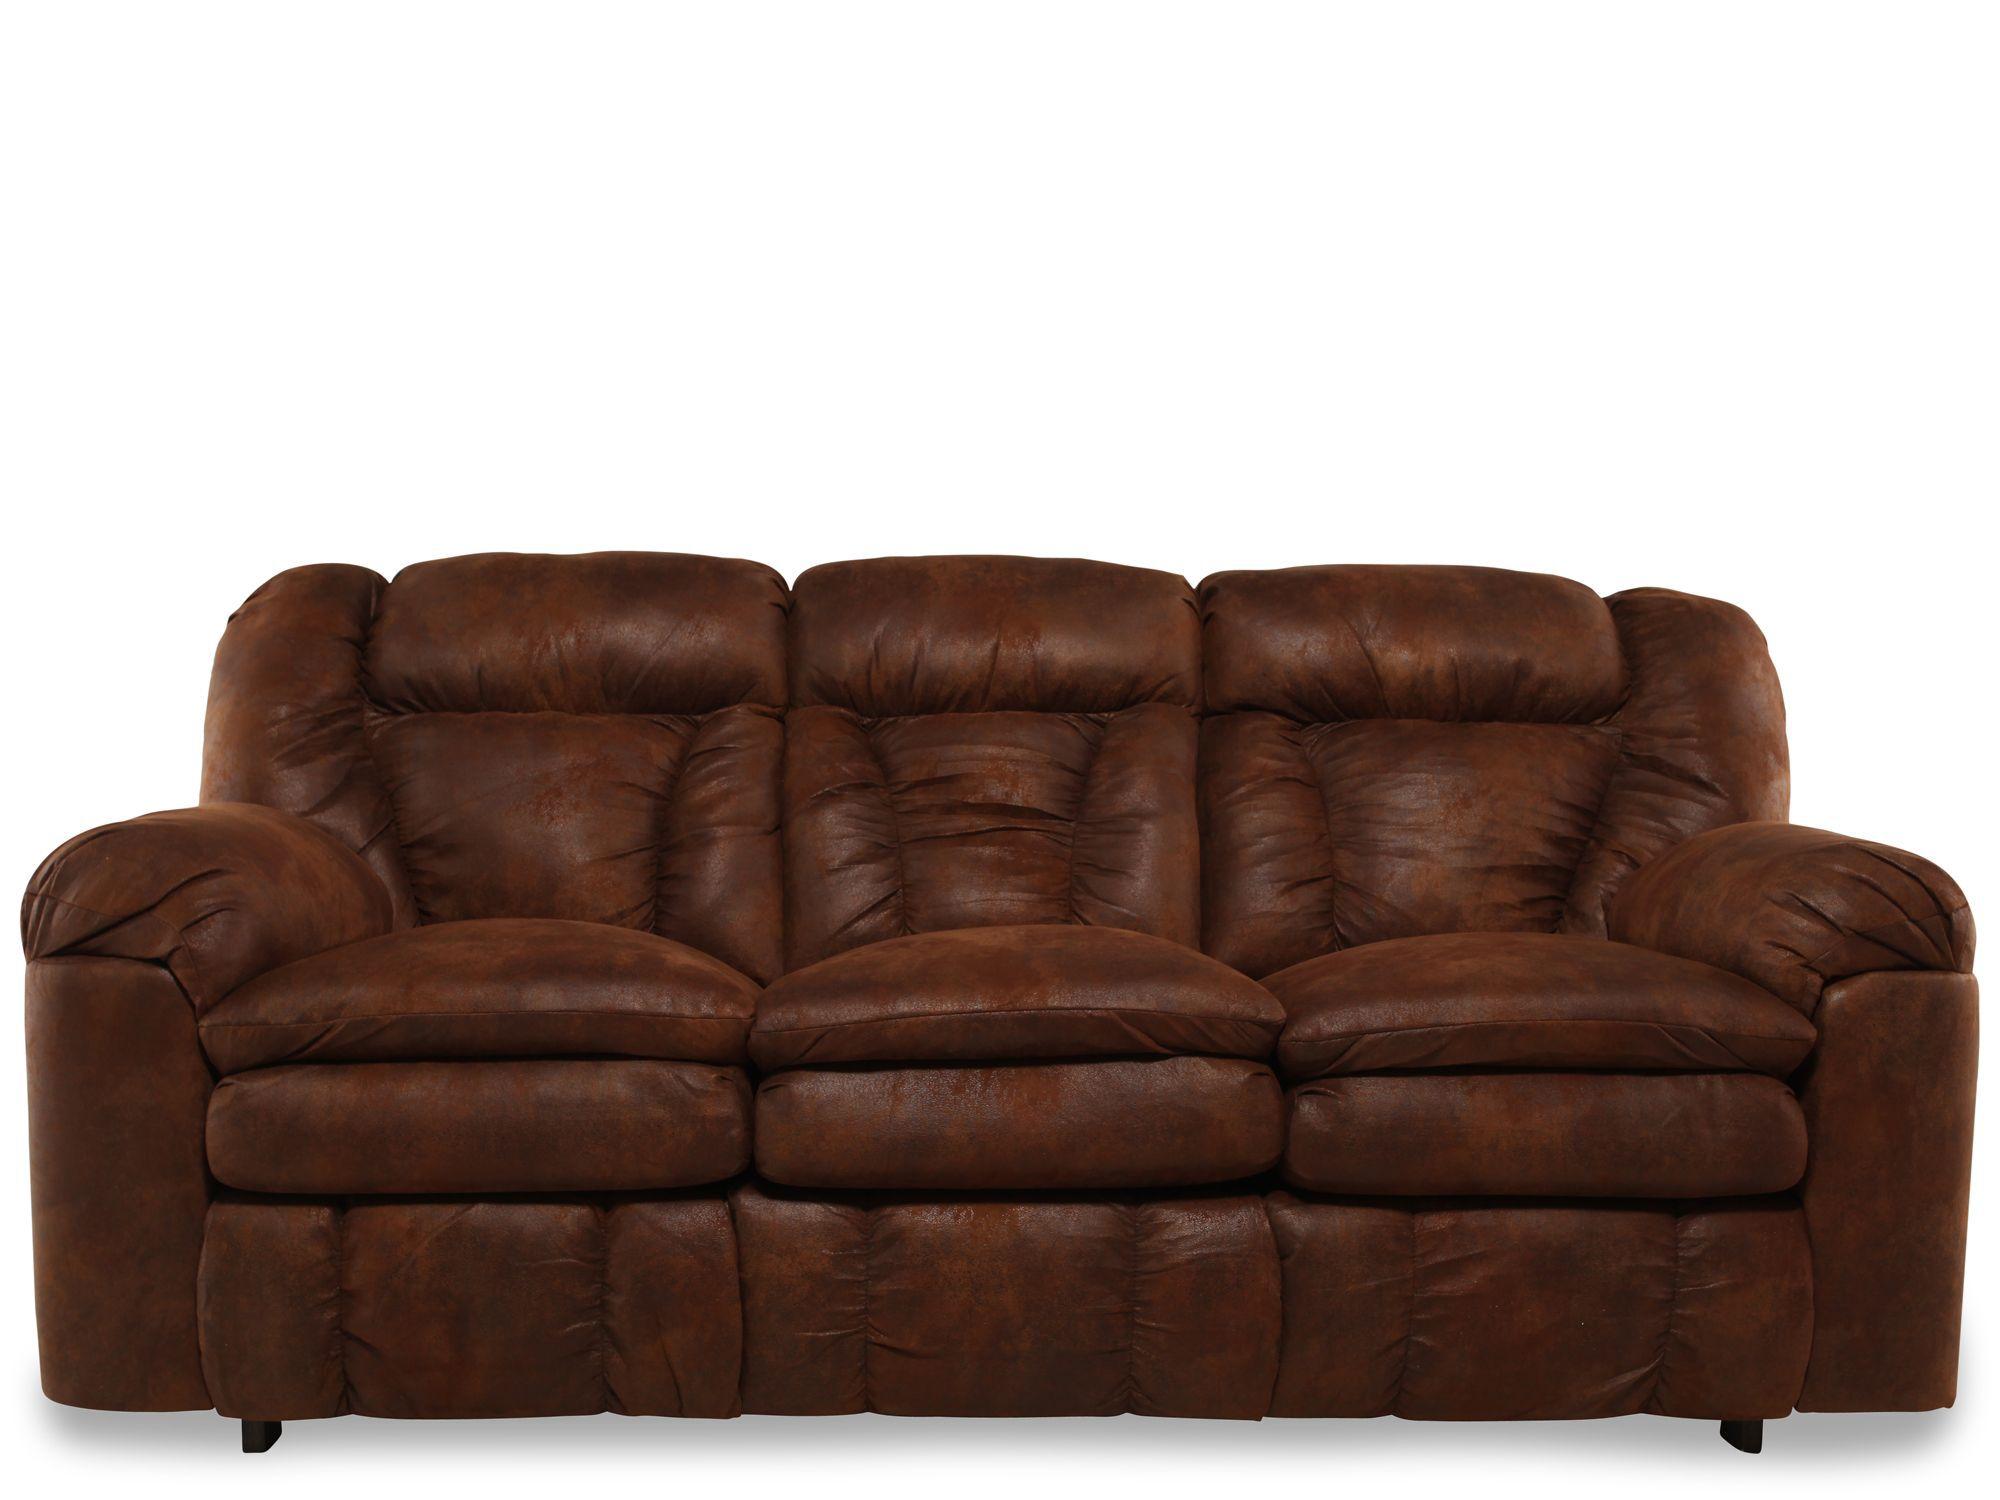 Microfiber 88 Queen Sleeper Sofa